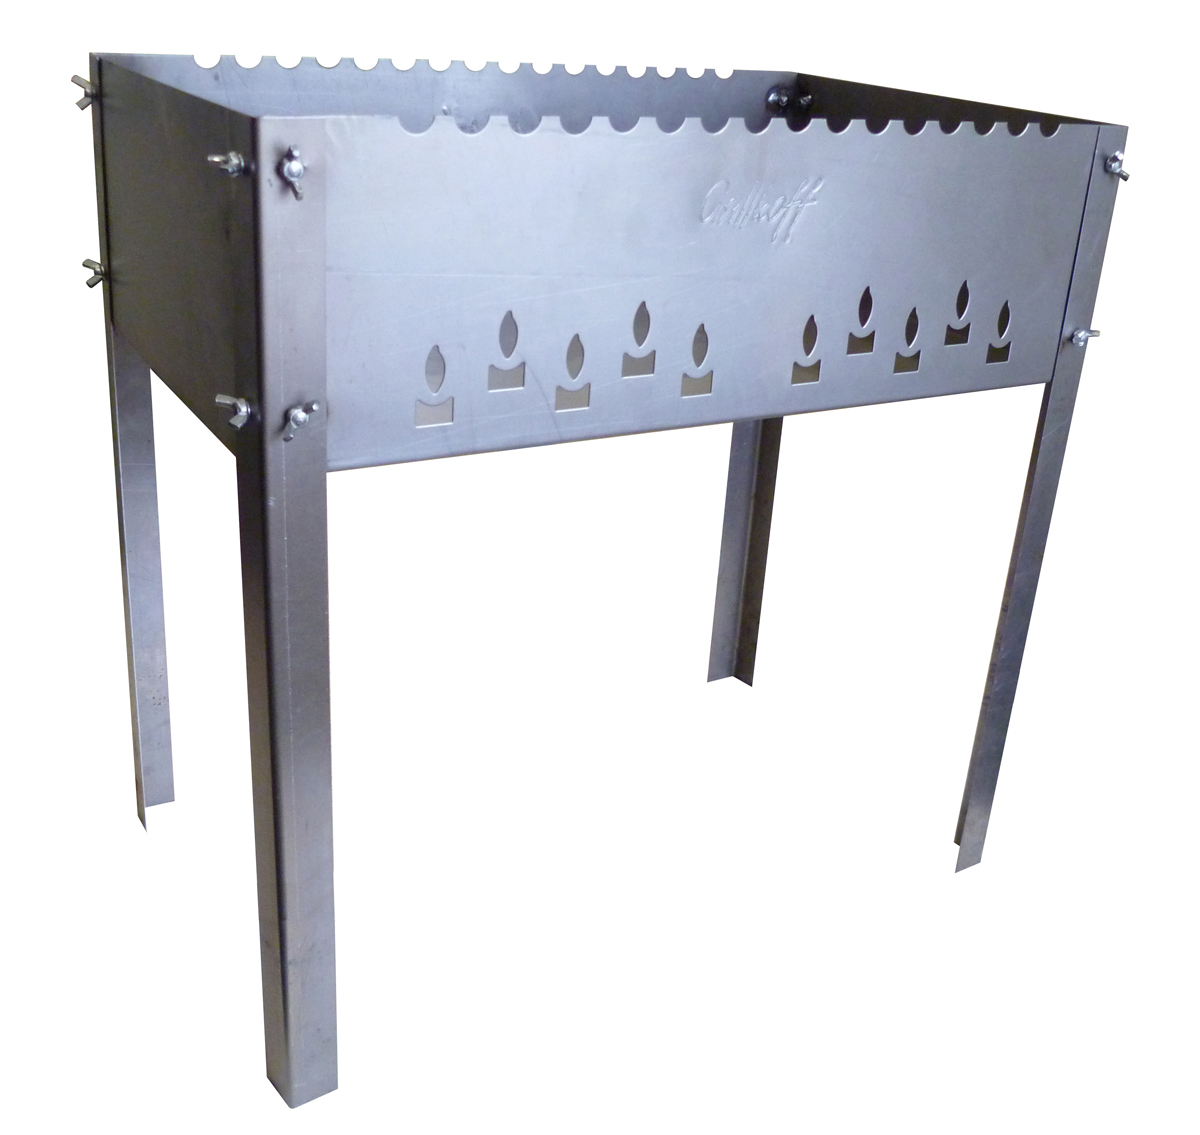 Мангал Grillkoff Max, с 6 шампурами, в сумке, 50 х 30 х 50 смWP 10802Мангал Grillkoff Max выполнен из высококачественной стали. С барашками, с волной. Мангал без усилий собирается для применения. Конструкция позволяет с комфортом готовить на мангале.В комплекте 6 шампуров, выполненных из нержавеющей стали.Размер мангала (с учетом ножек): 50 х 30 х 50 см.Глубина мангала: 14,5 см.Толщина стали: 1,5 мм.Длина шампуров: 50 см.Толщина шампуров: 0,8 мм.